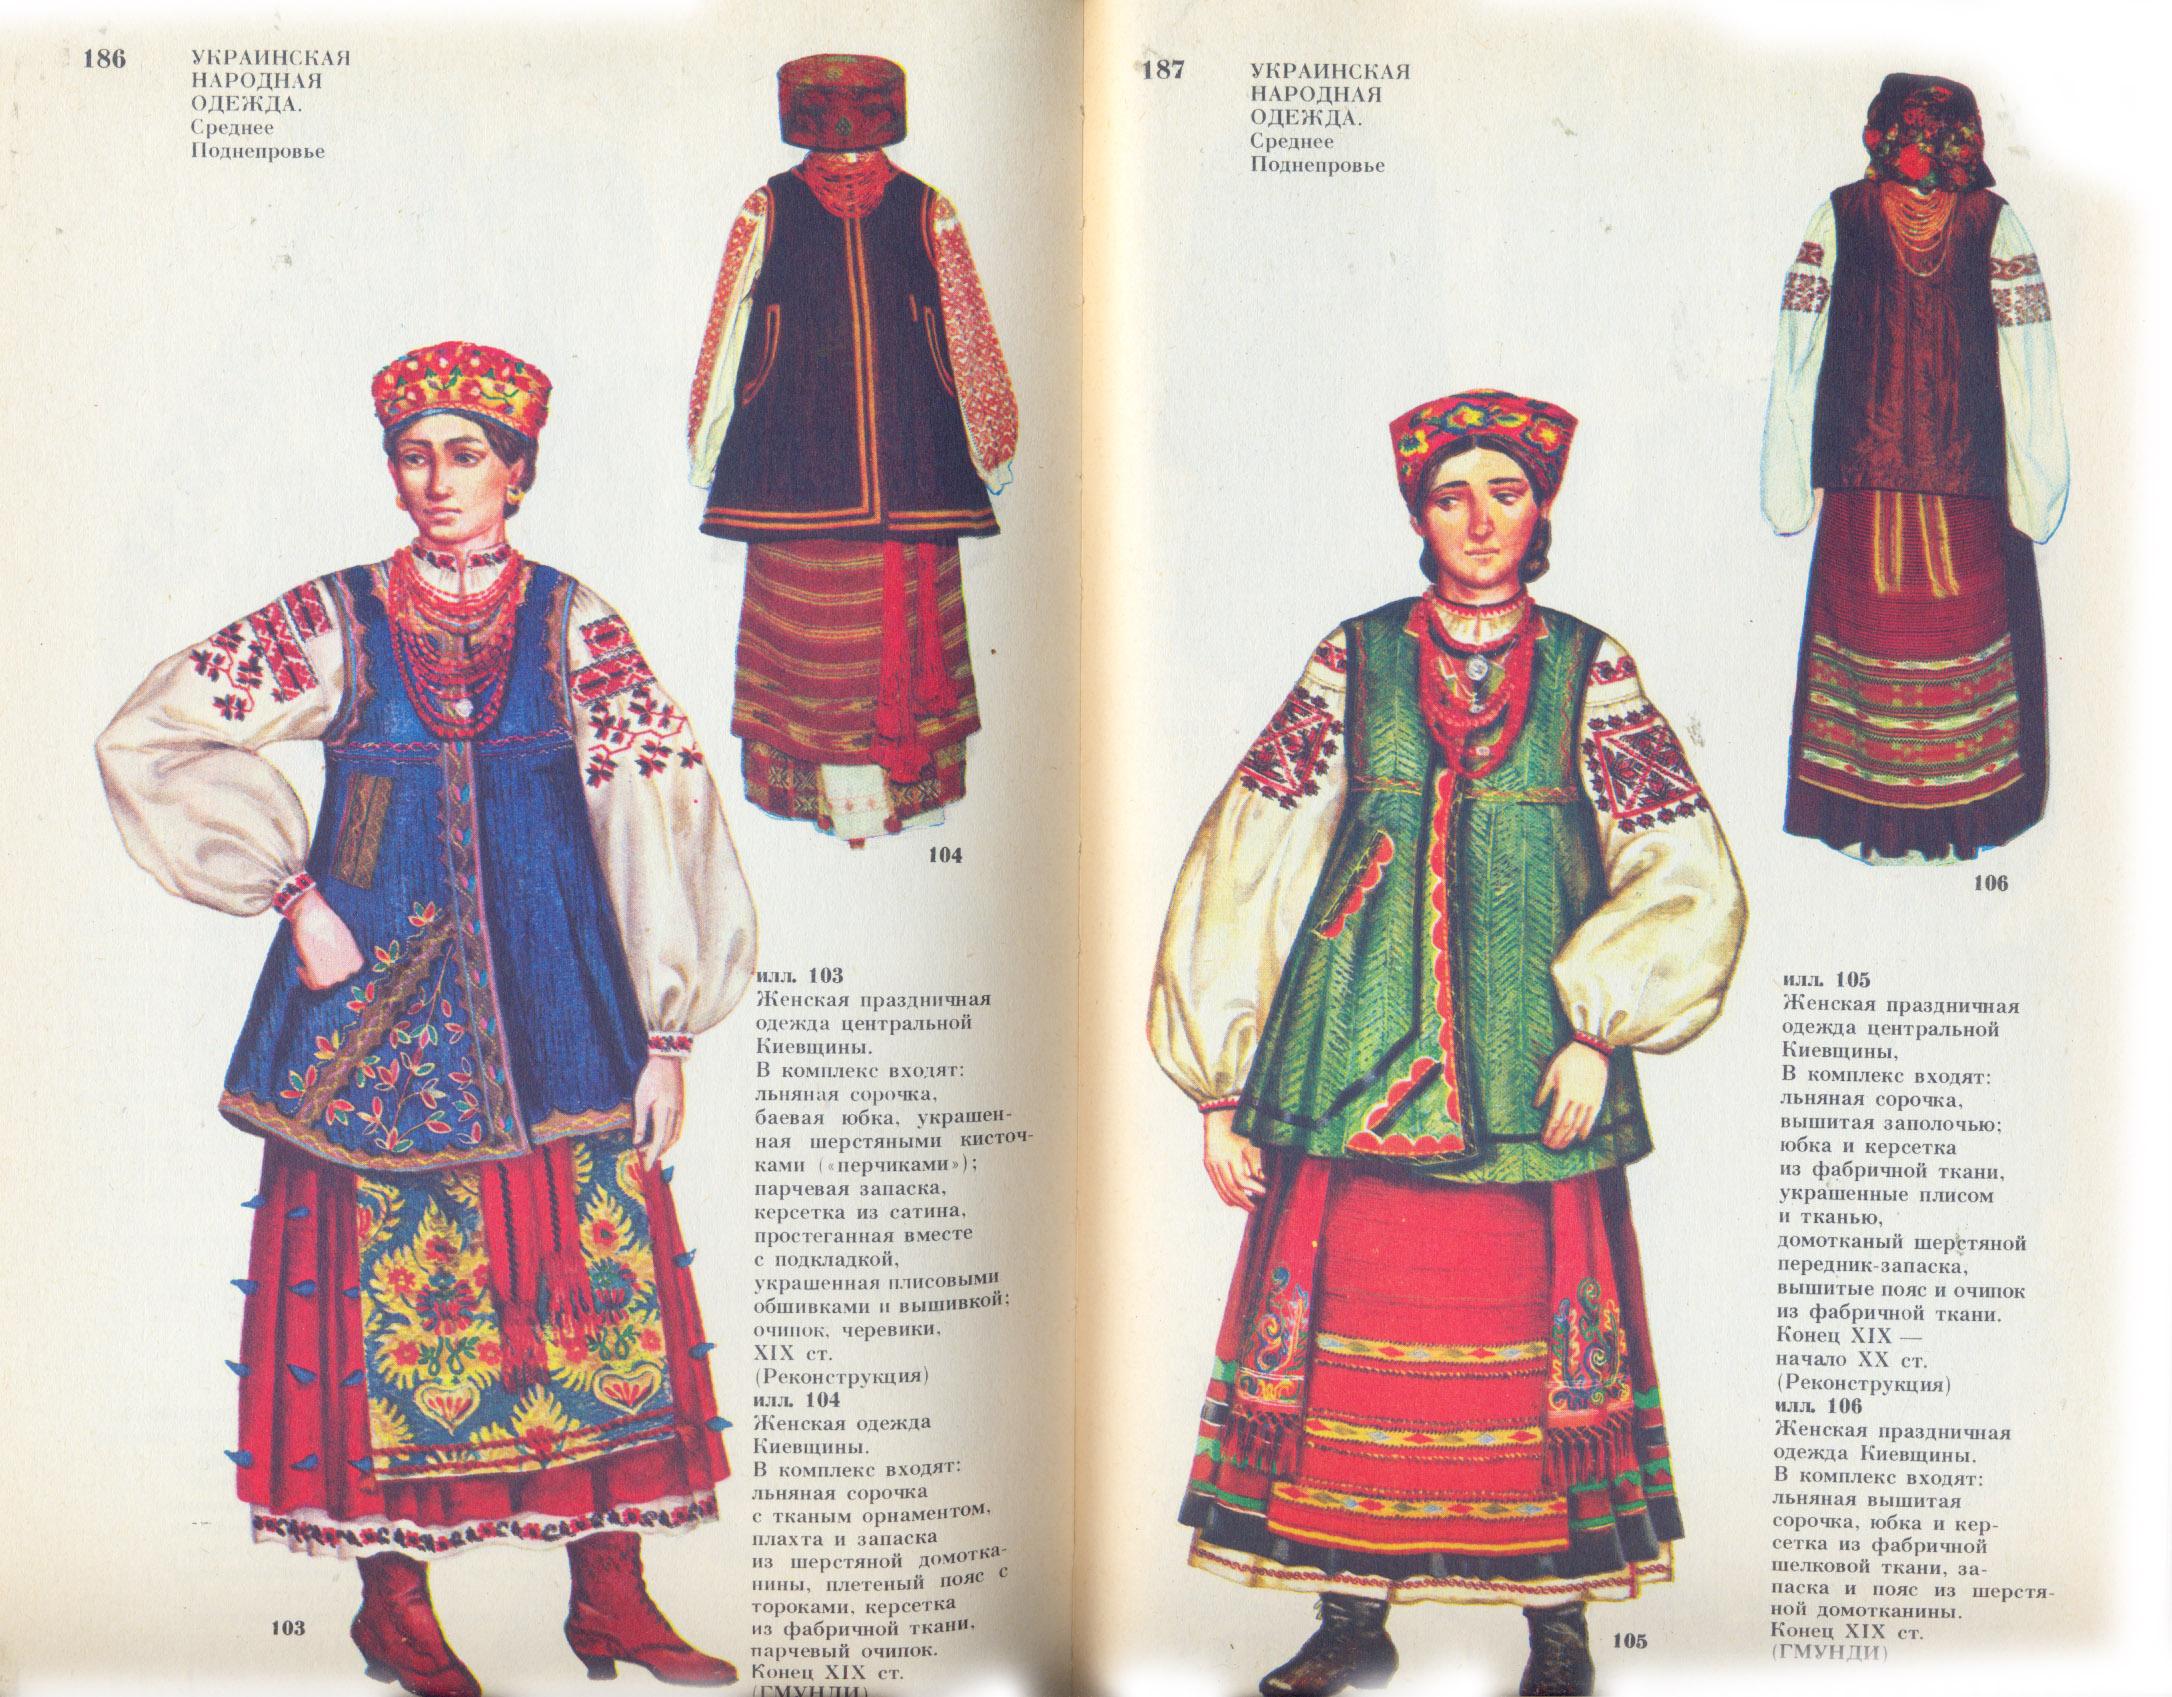 украина 186-187.jpg